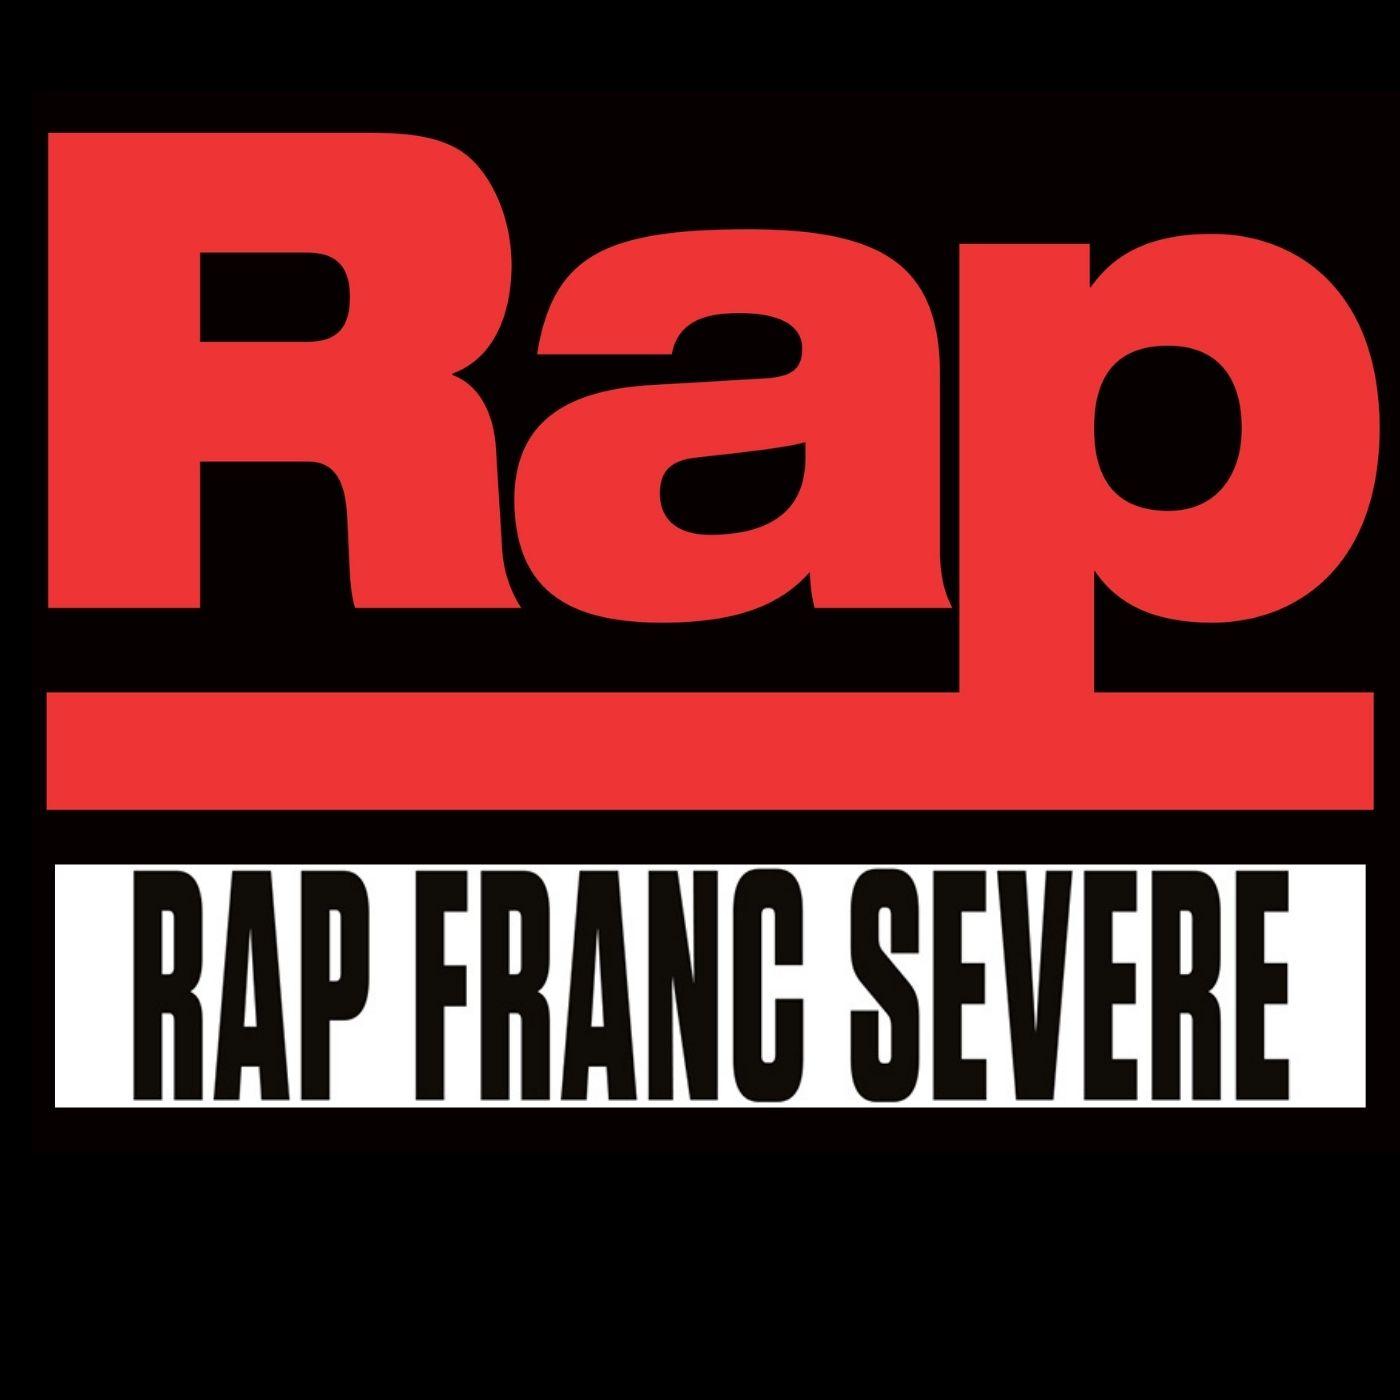 RAP FRANC SEVERE